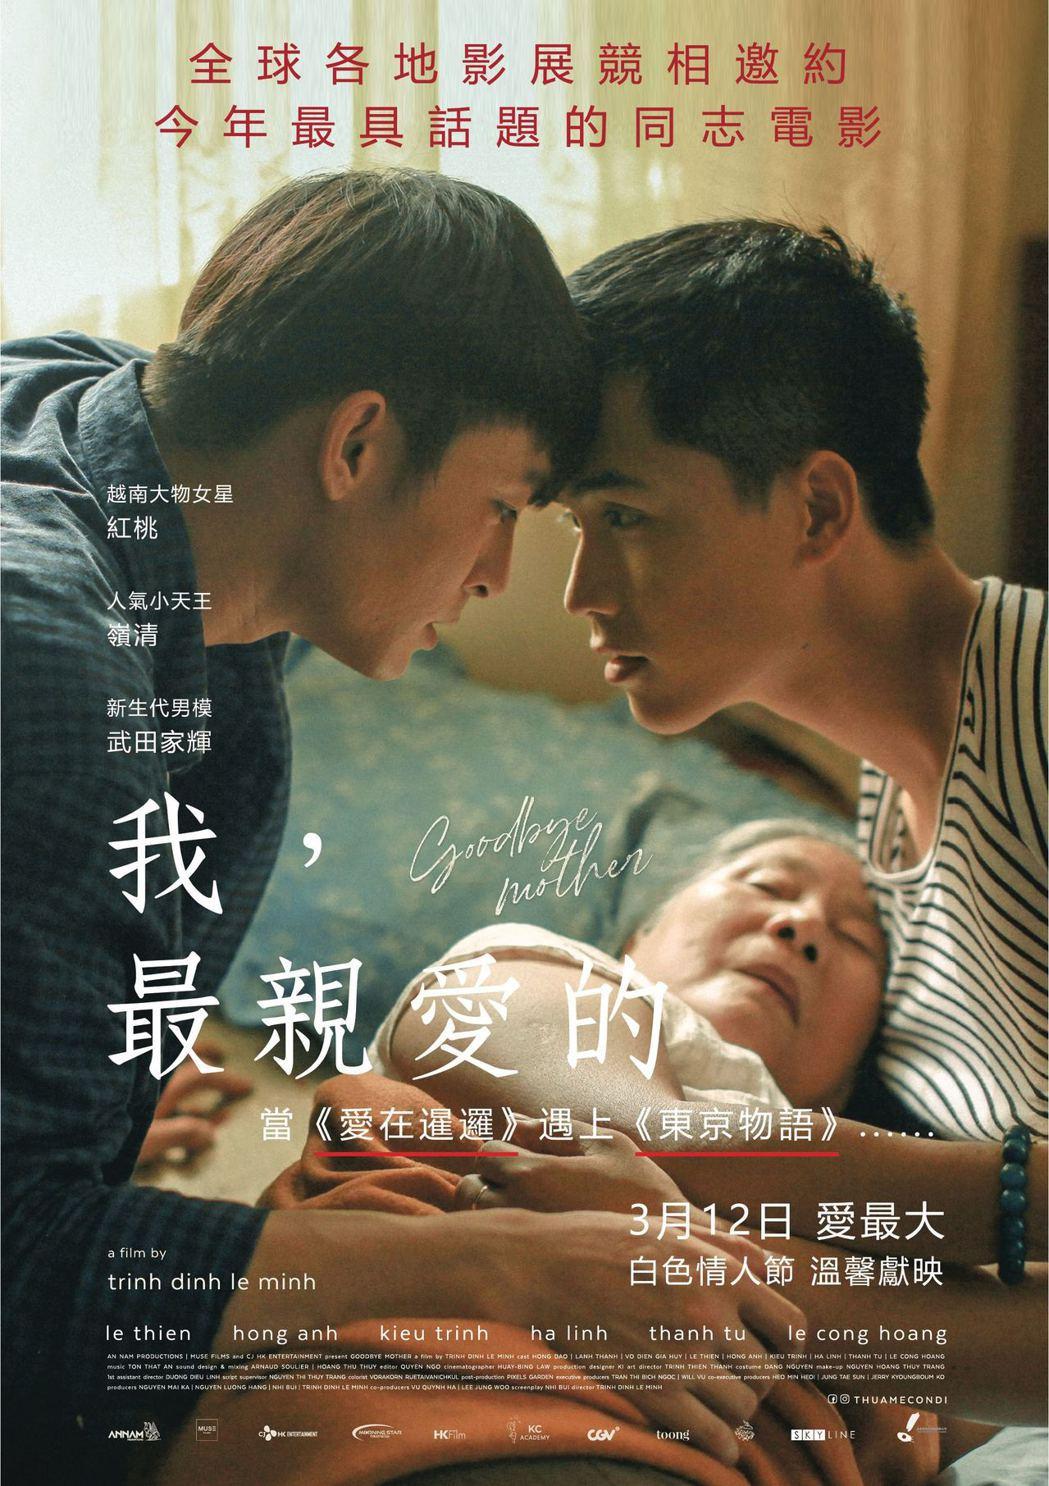 電影將在3月12日上映。圖/水元素文化傳媒有限公司提供